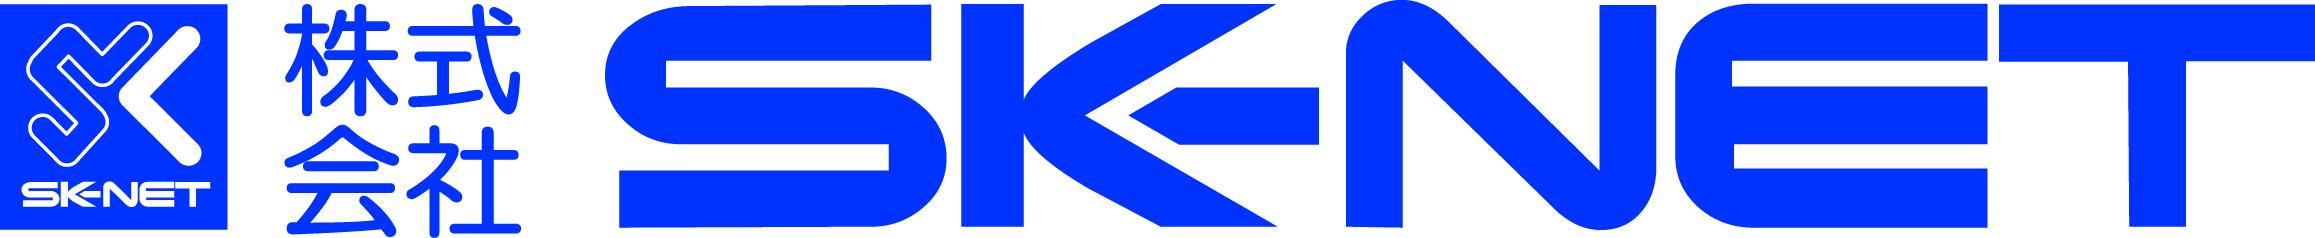 SK-NET